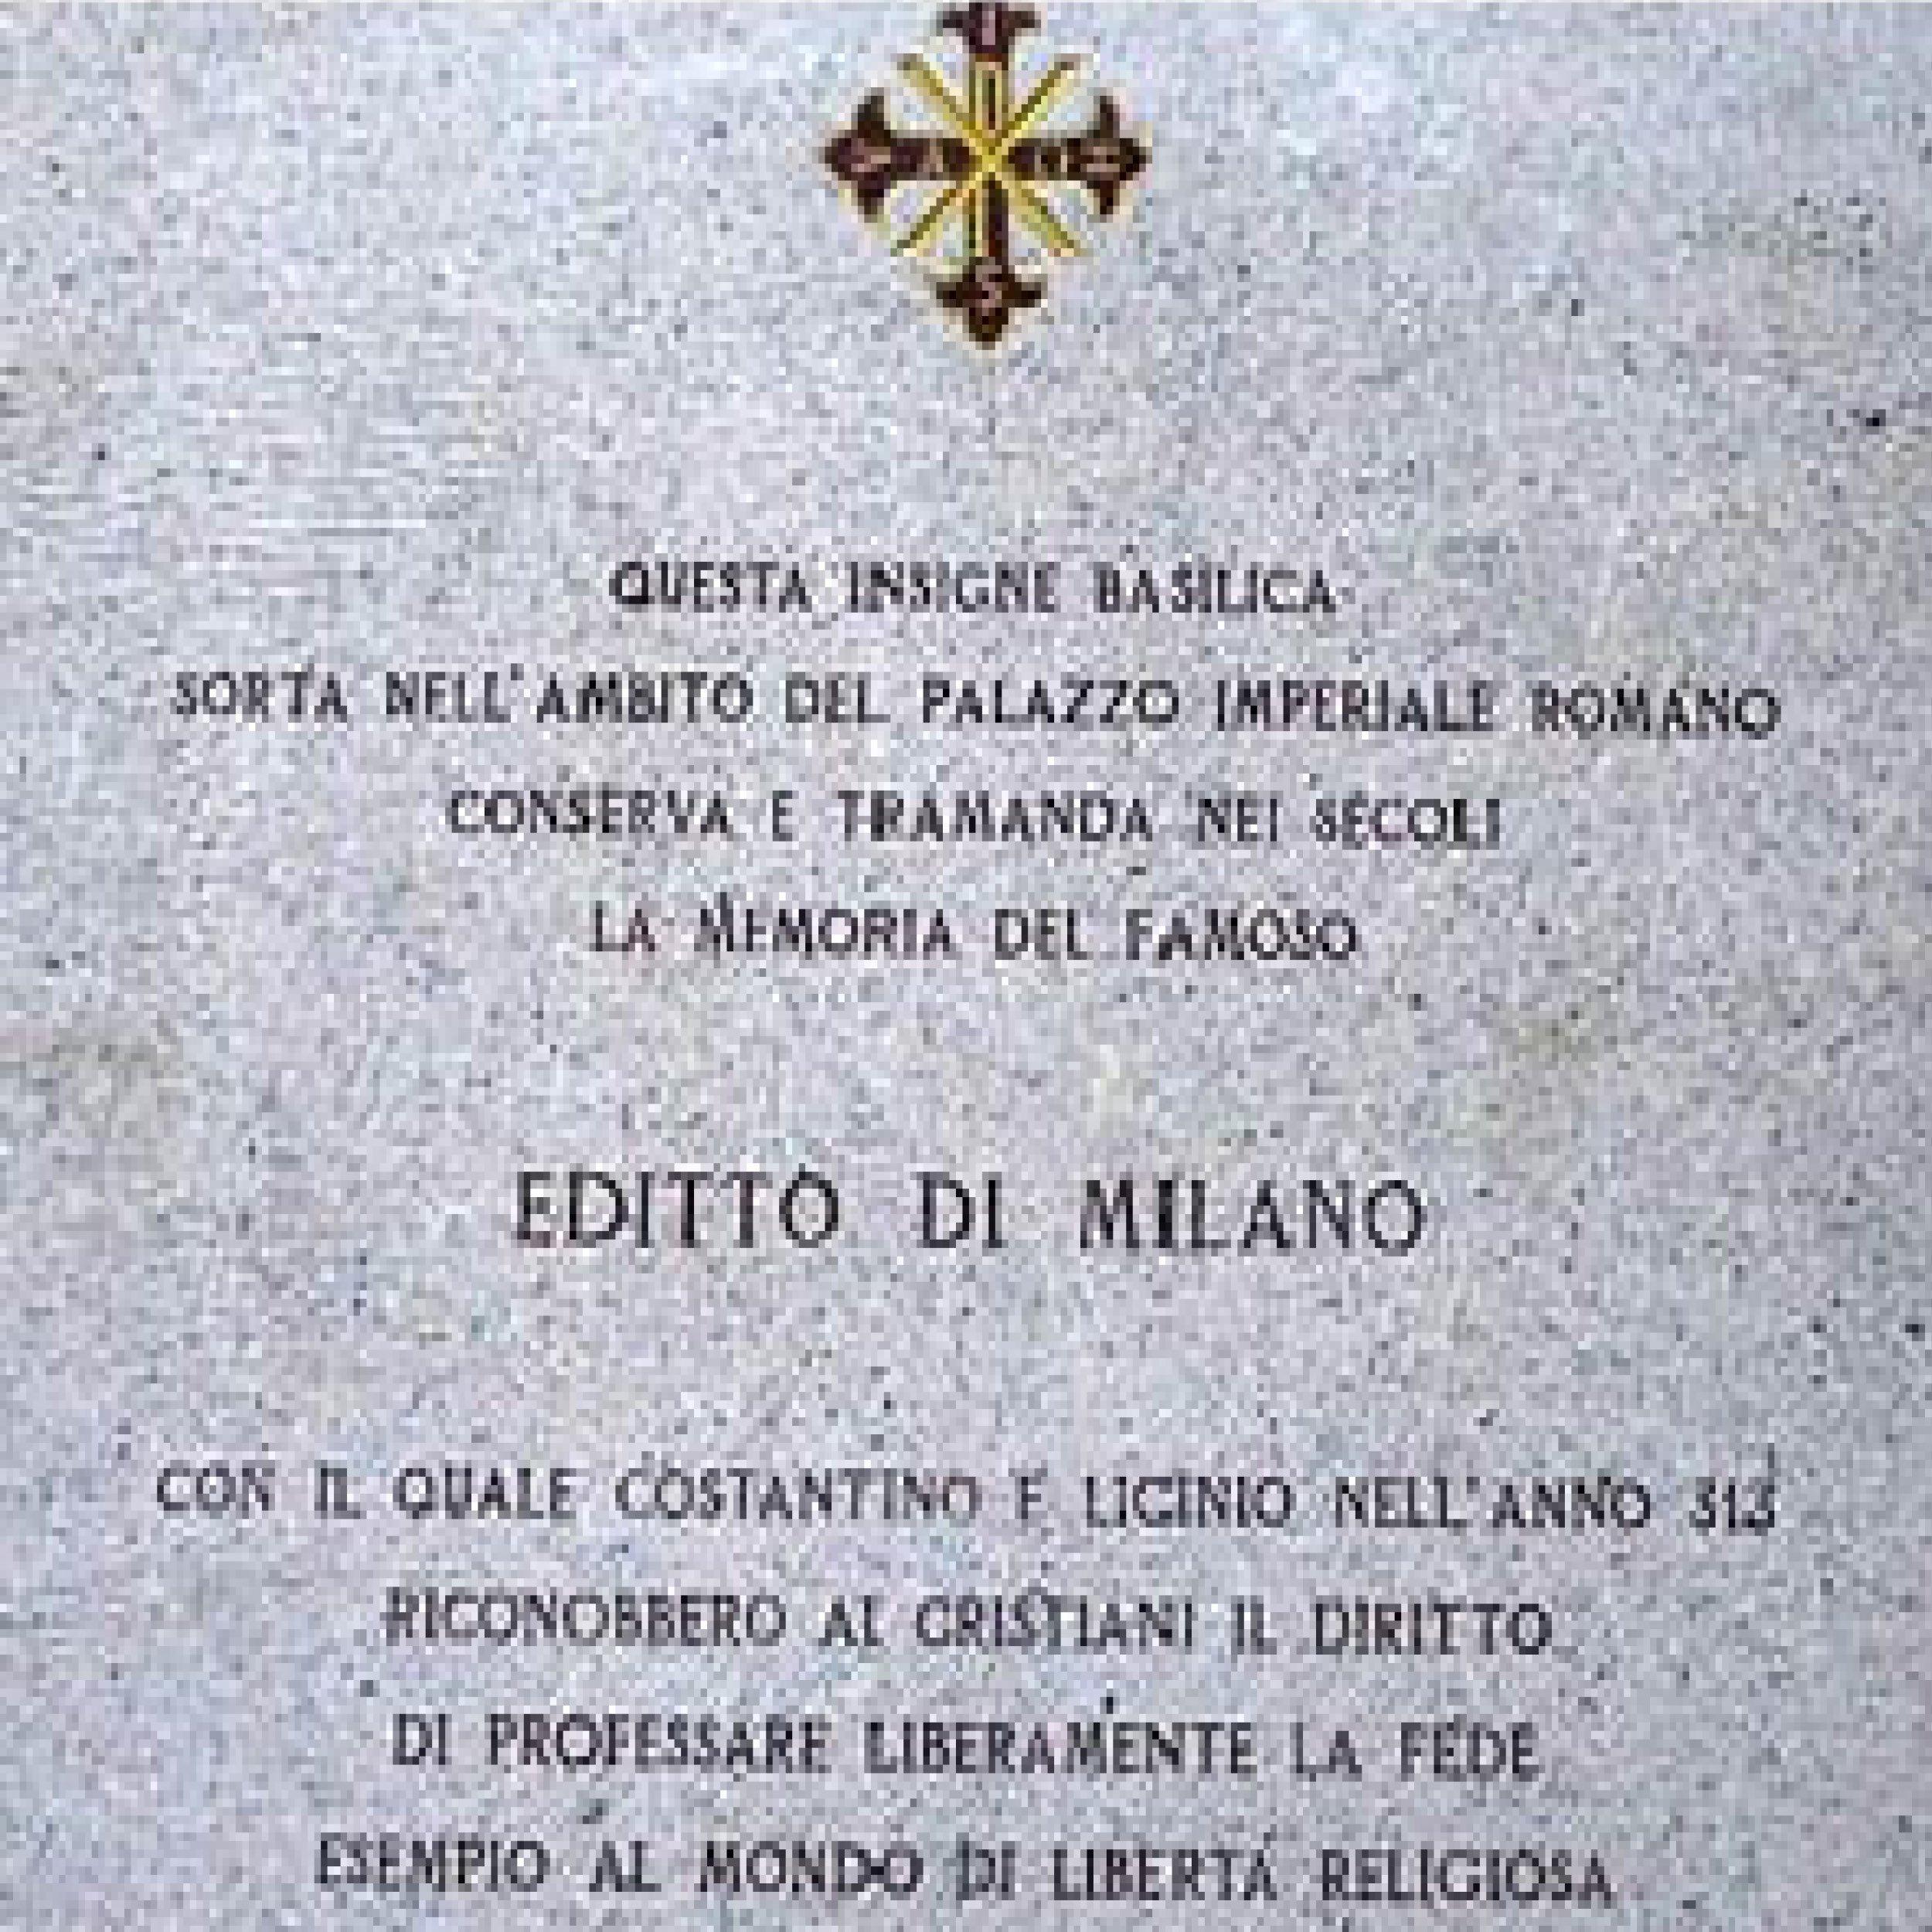 Podcast: L'Editto di Milano